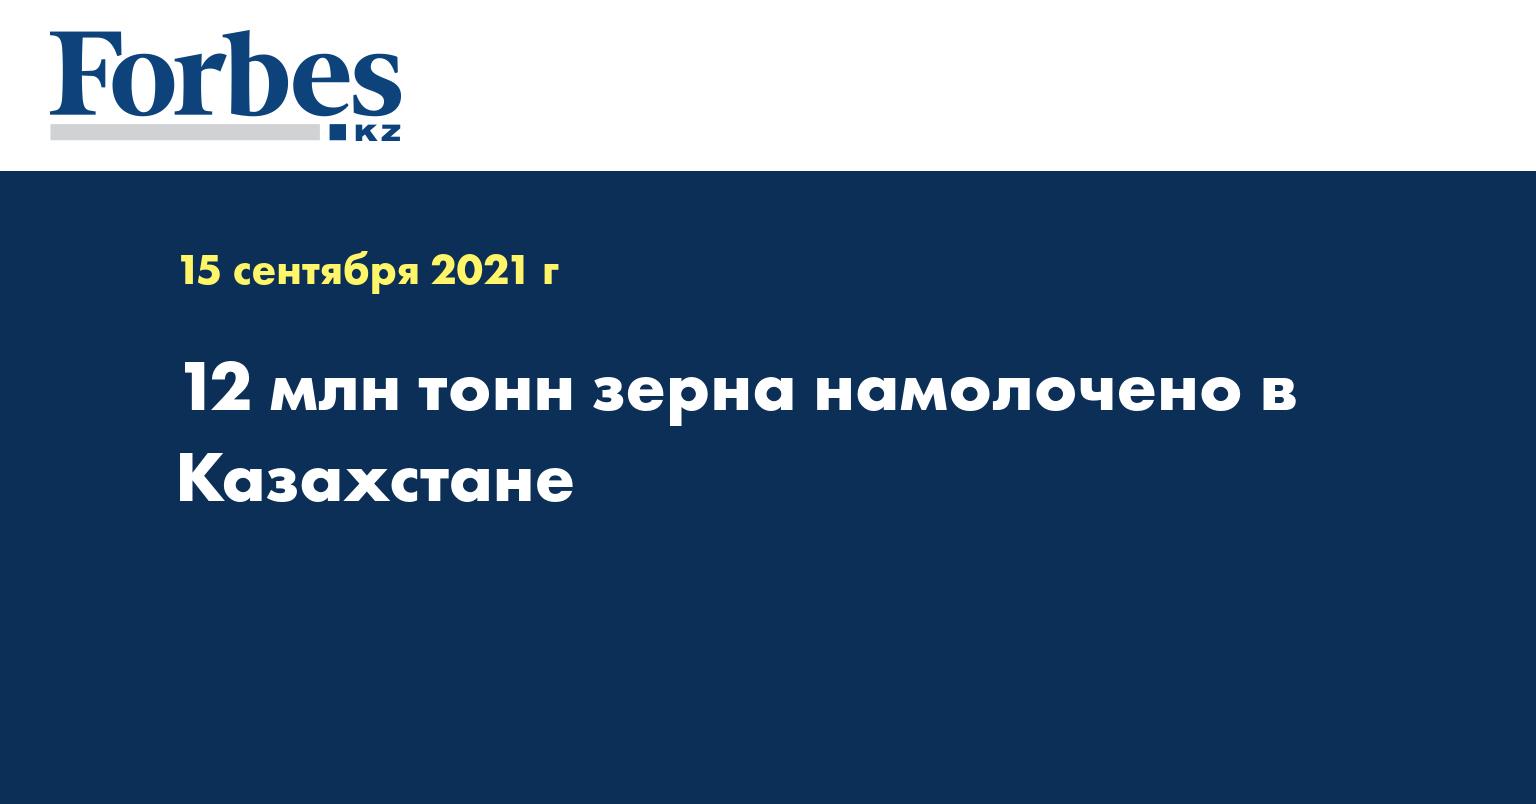 12 млн тонн зерна намолочено в Казахстане